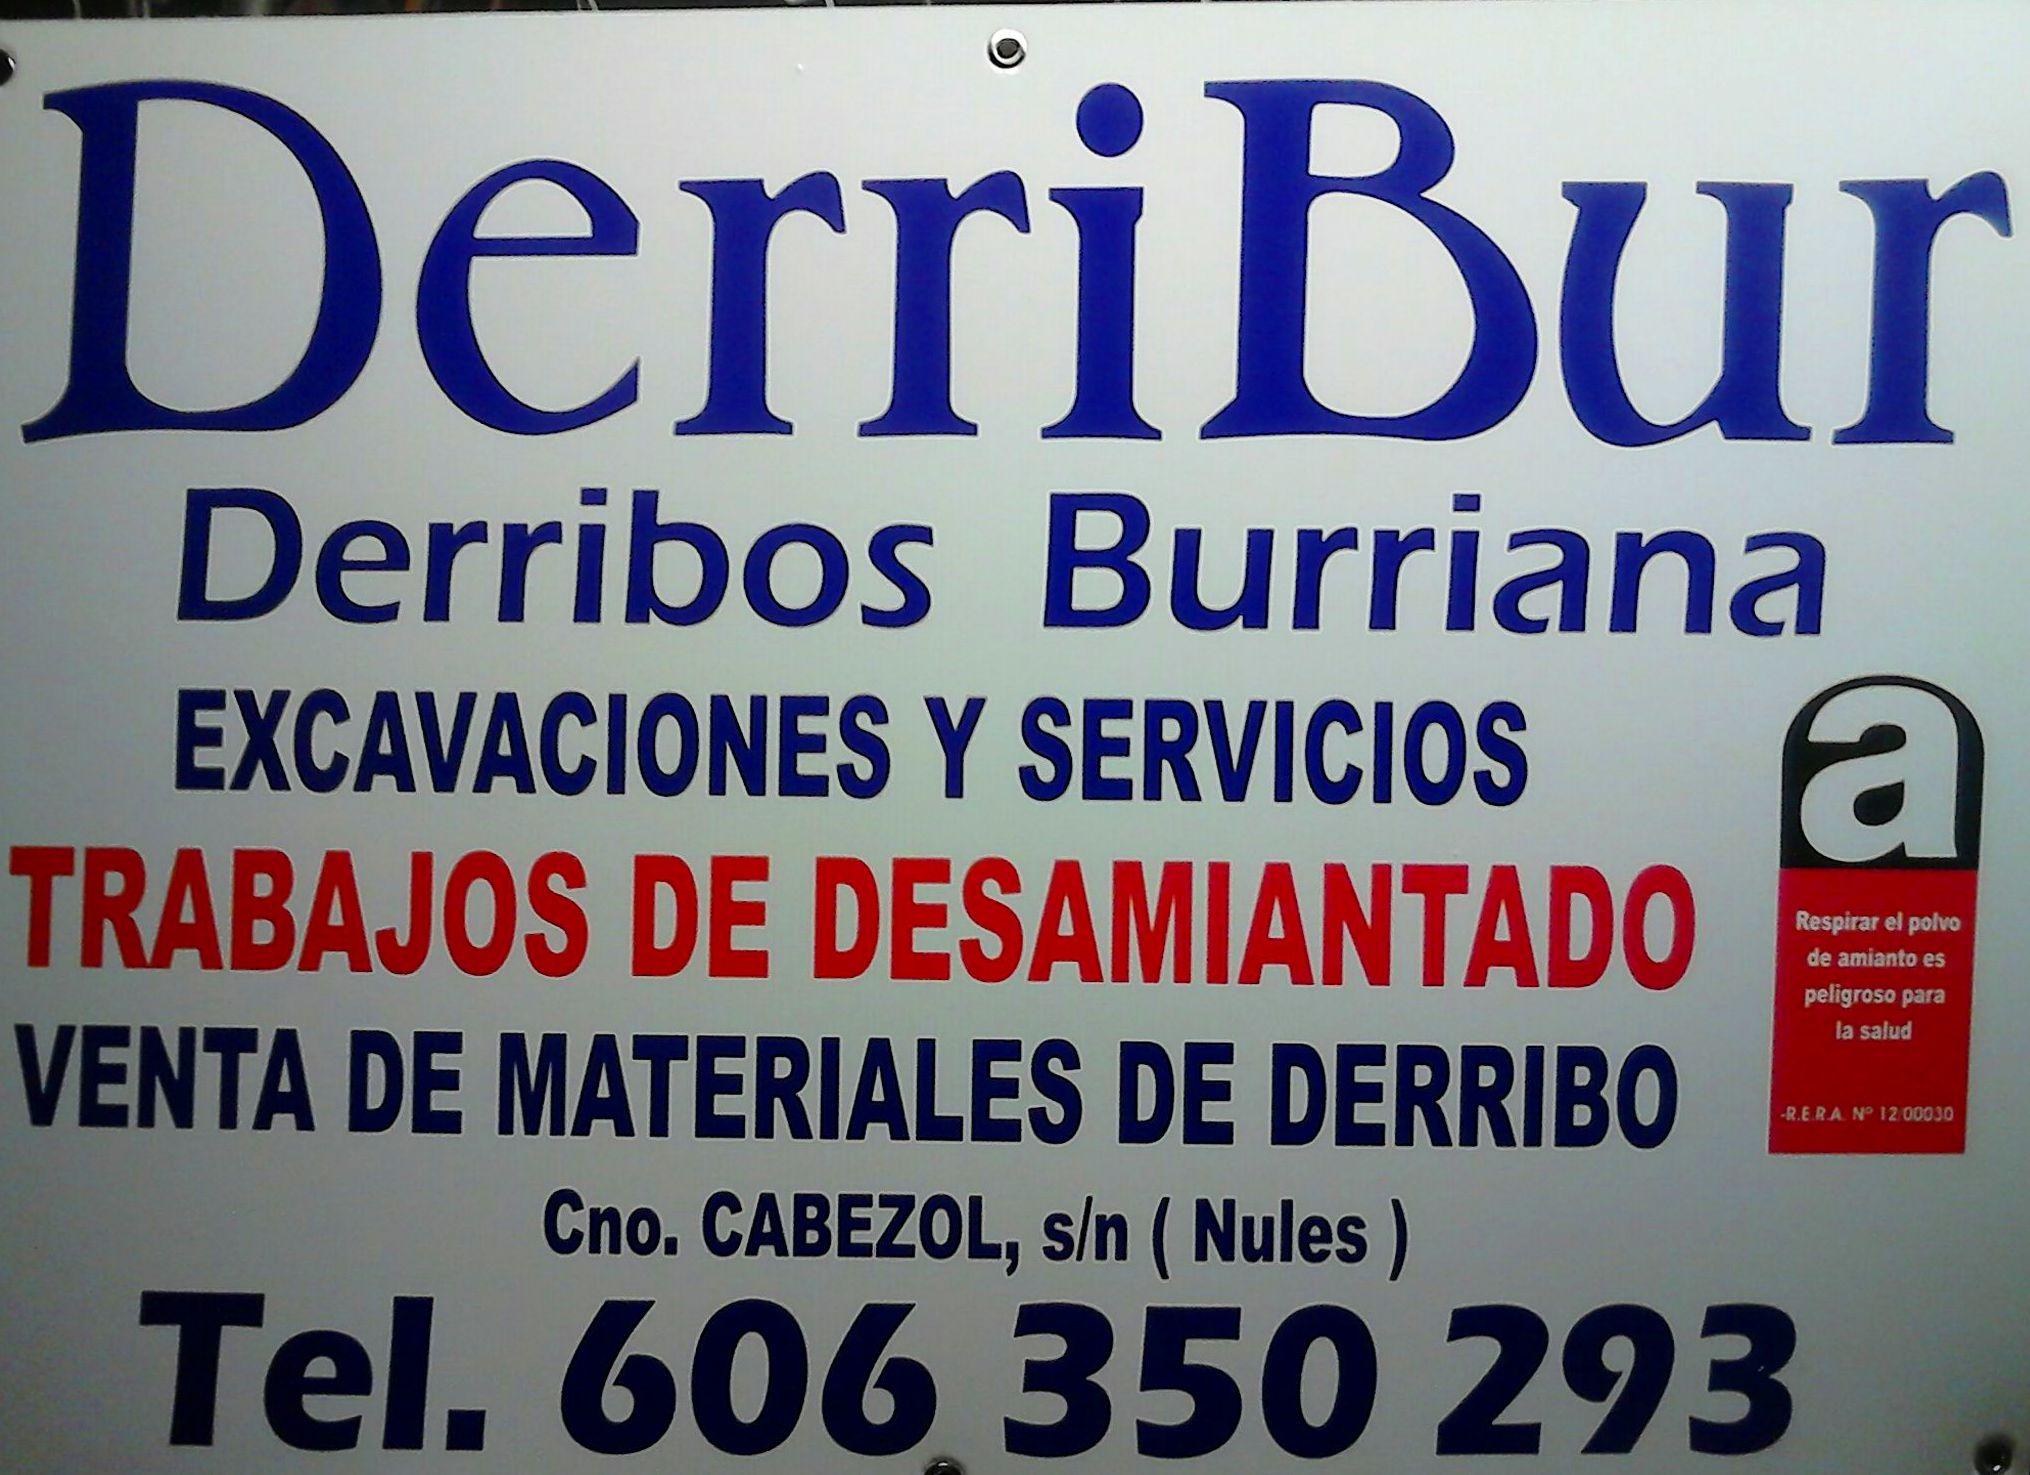 DerriBur